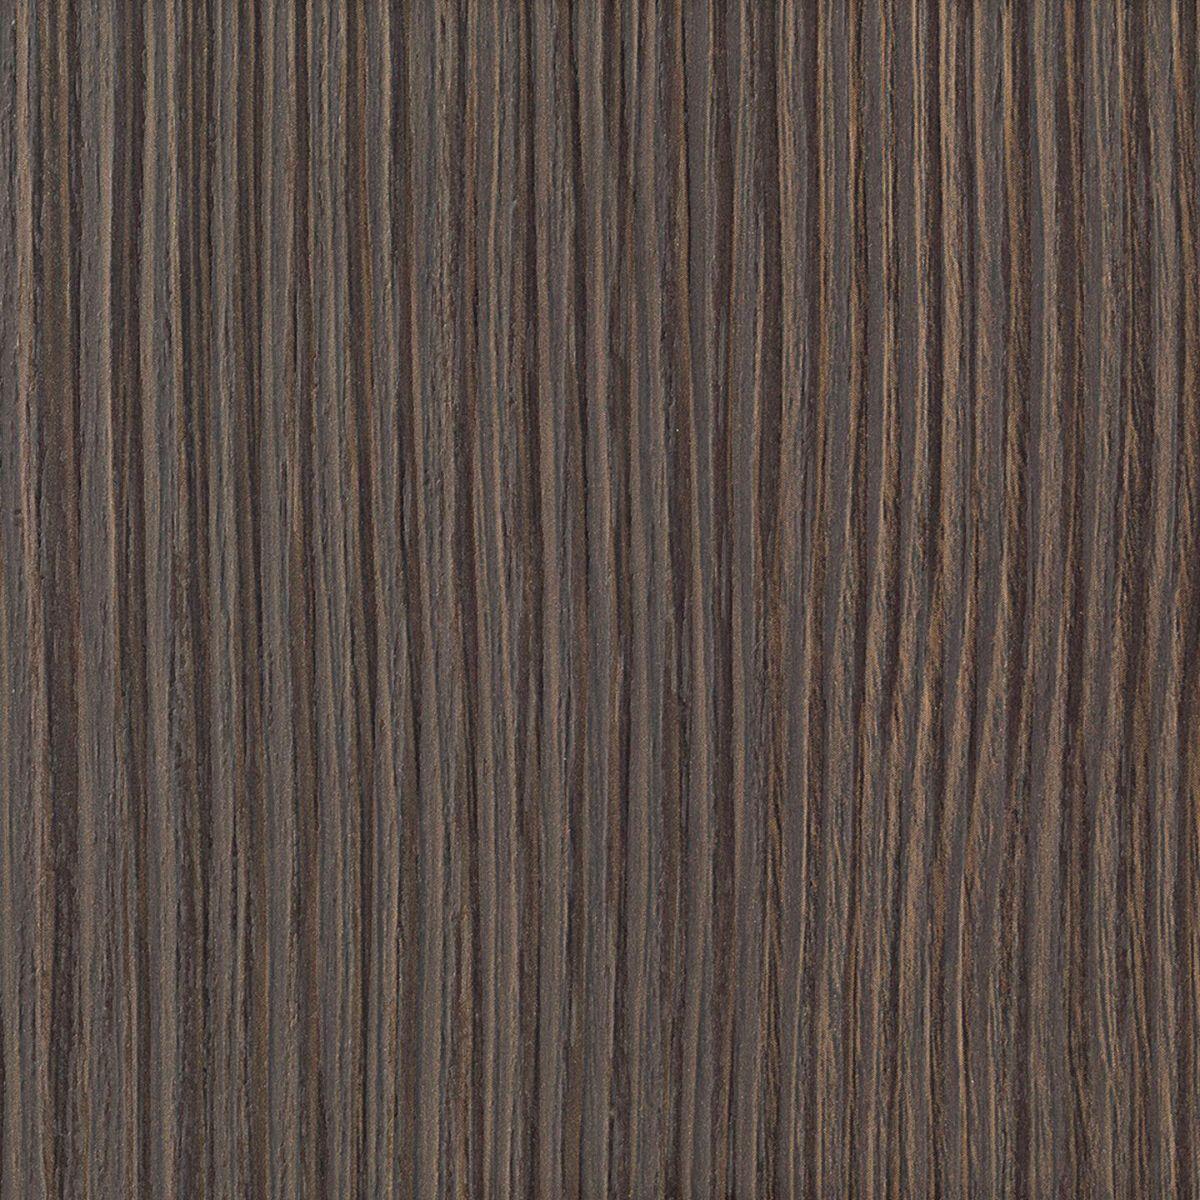 Finitura pannelli in oregon pine matrix per parete in vetro